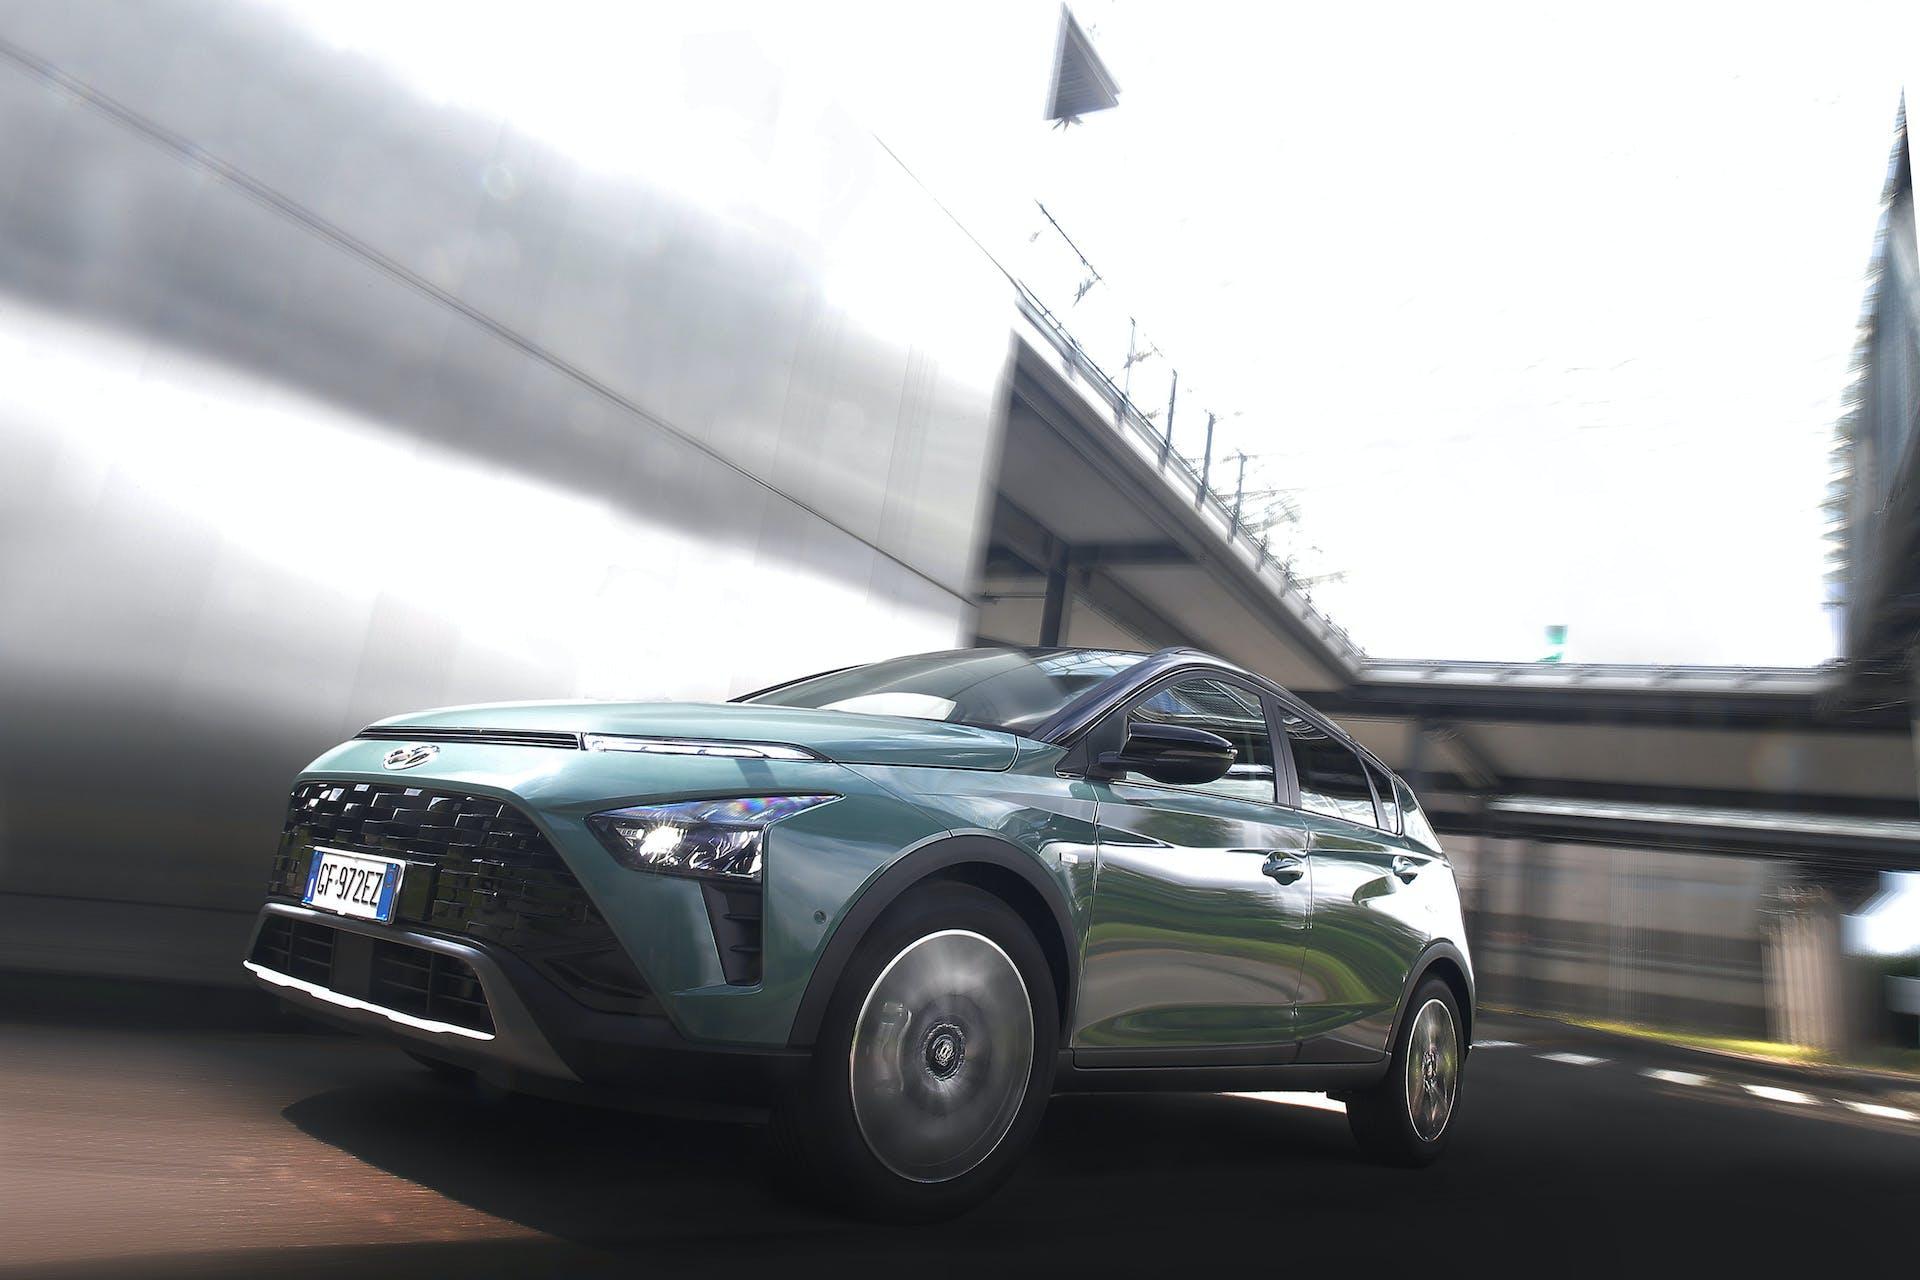 Ripresa bassa anteriore di Hyundai Bayon in movimento